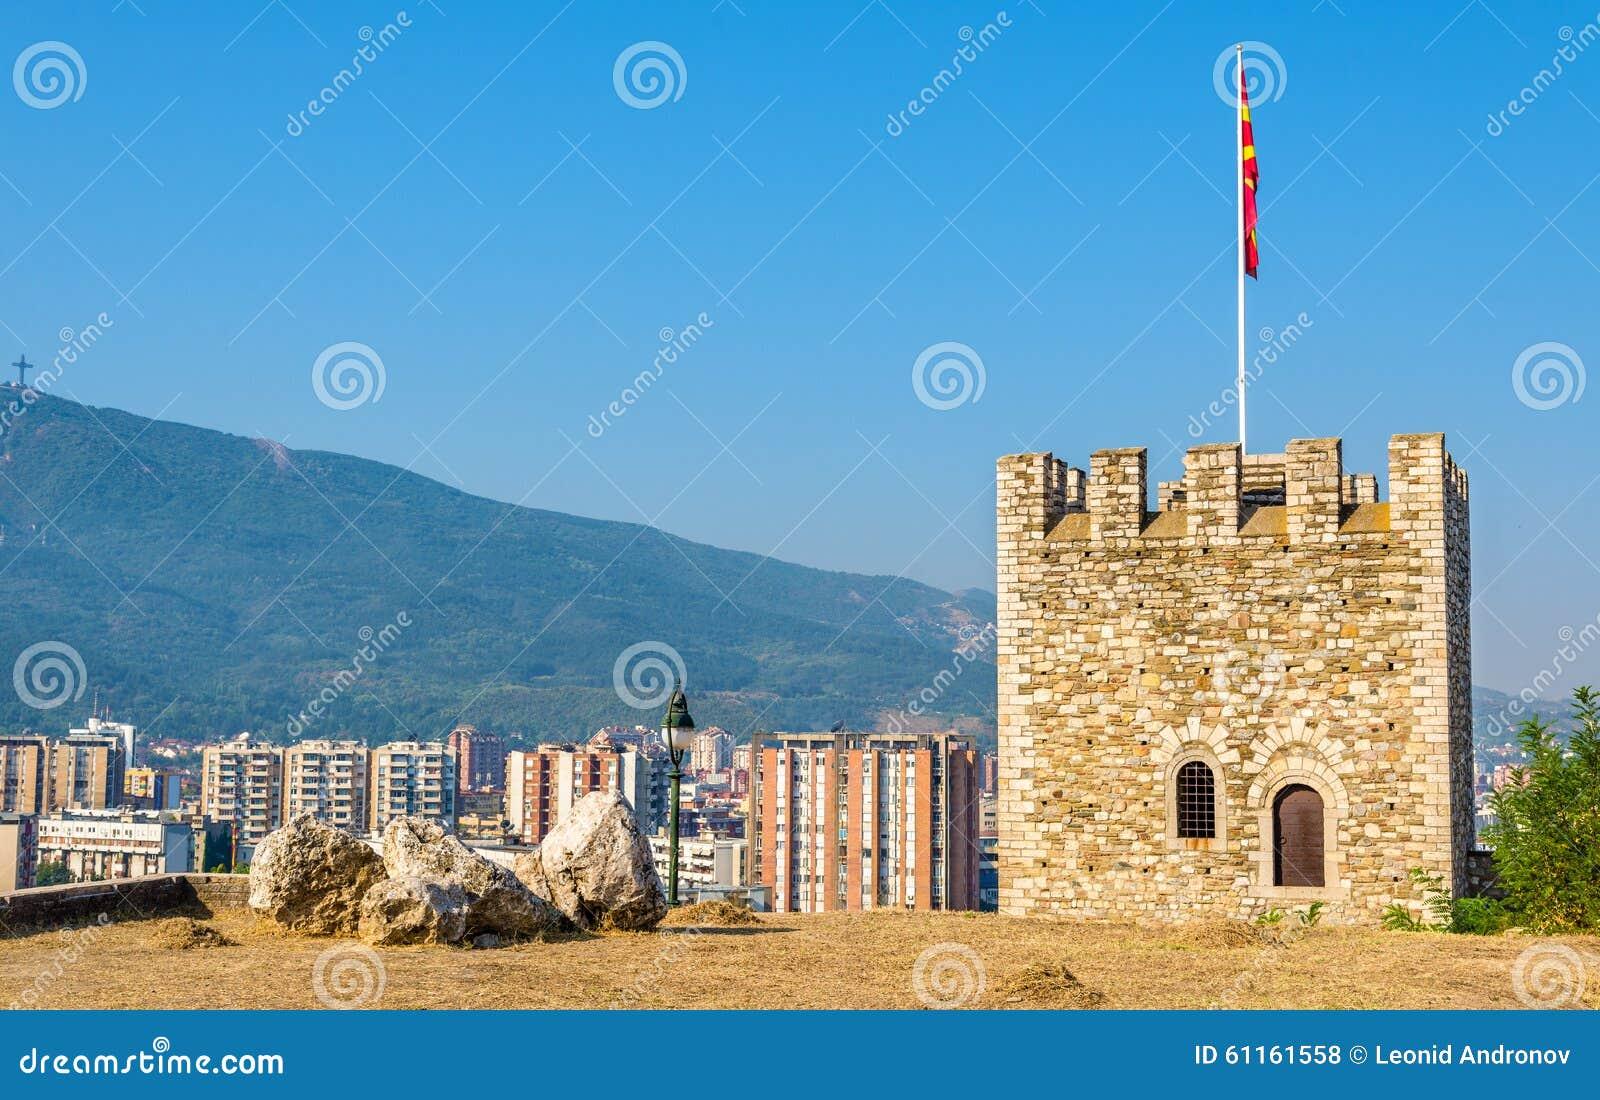 Vista di Skopje dalla fortezza